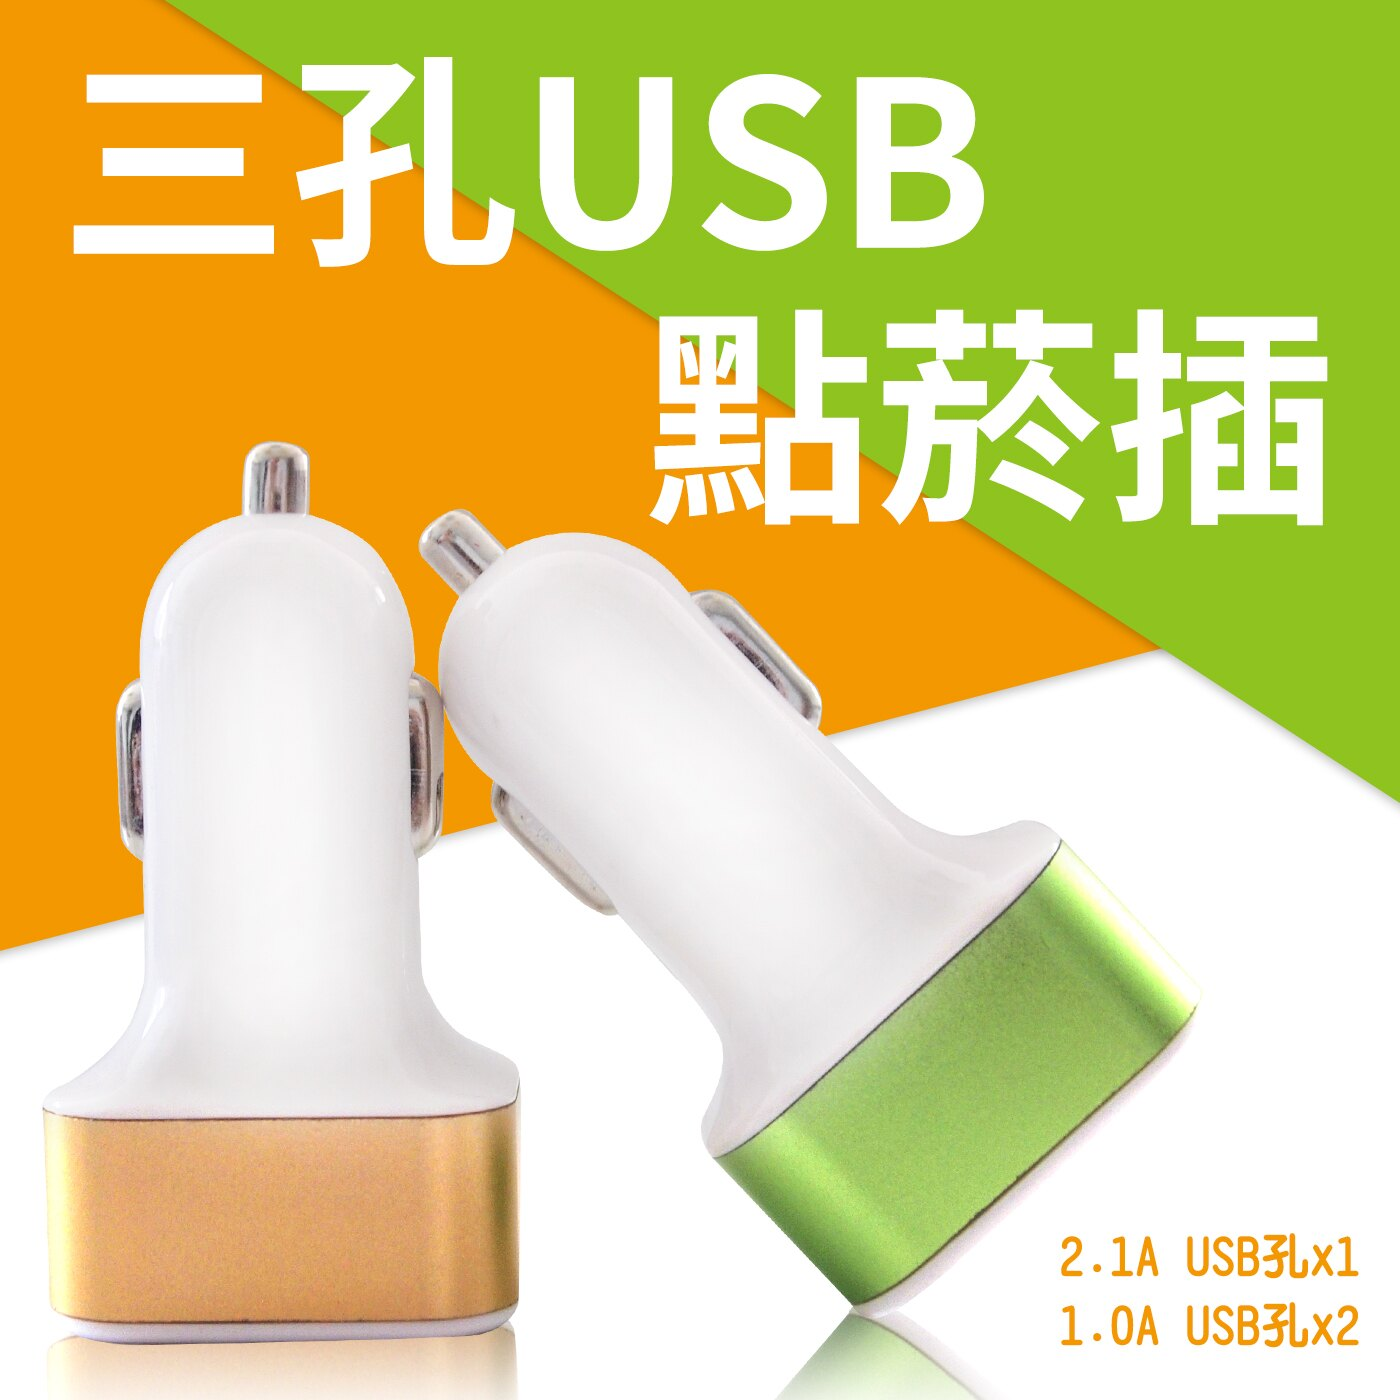 4.1A 三孔USB 車充 / 點煙插 / 充電器 / 手機平版可用 / 『大船回港』